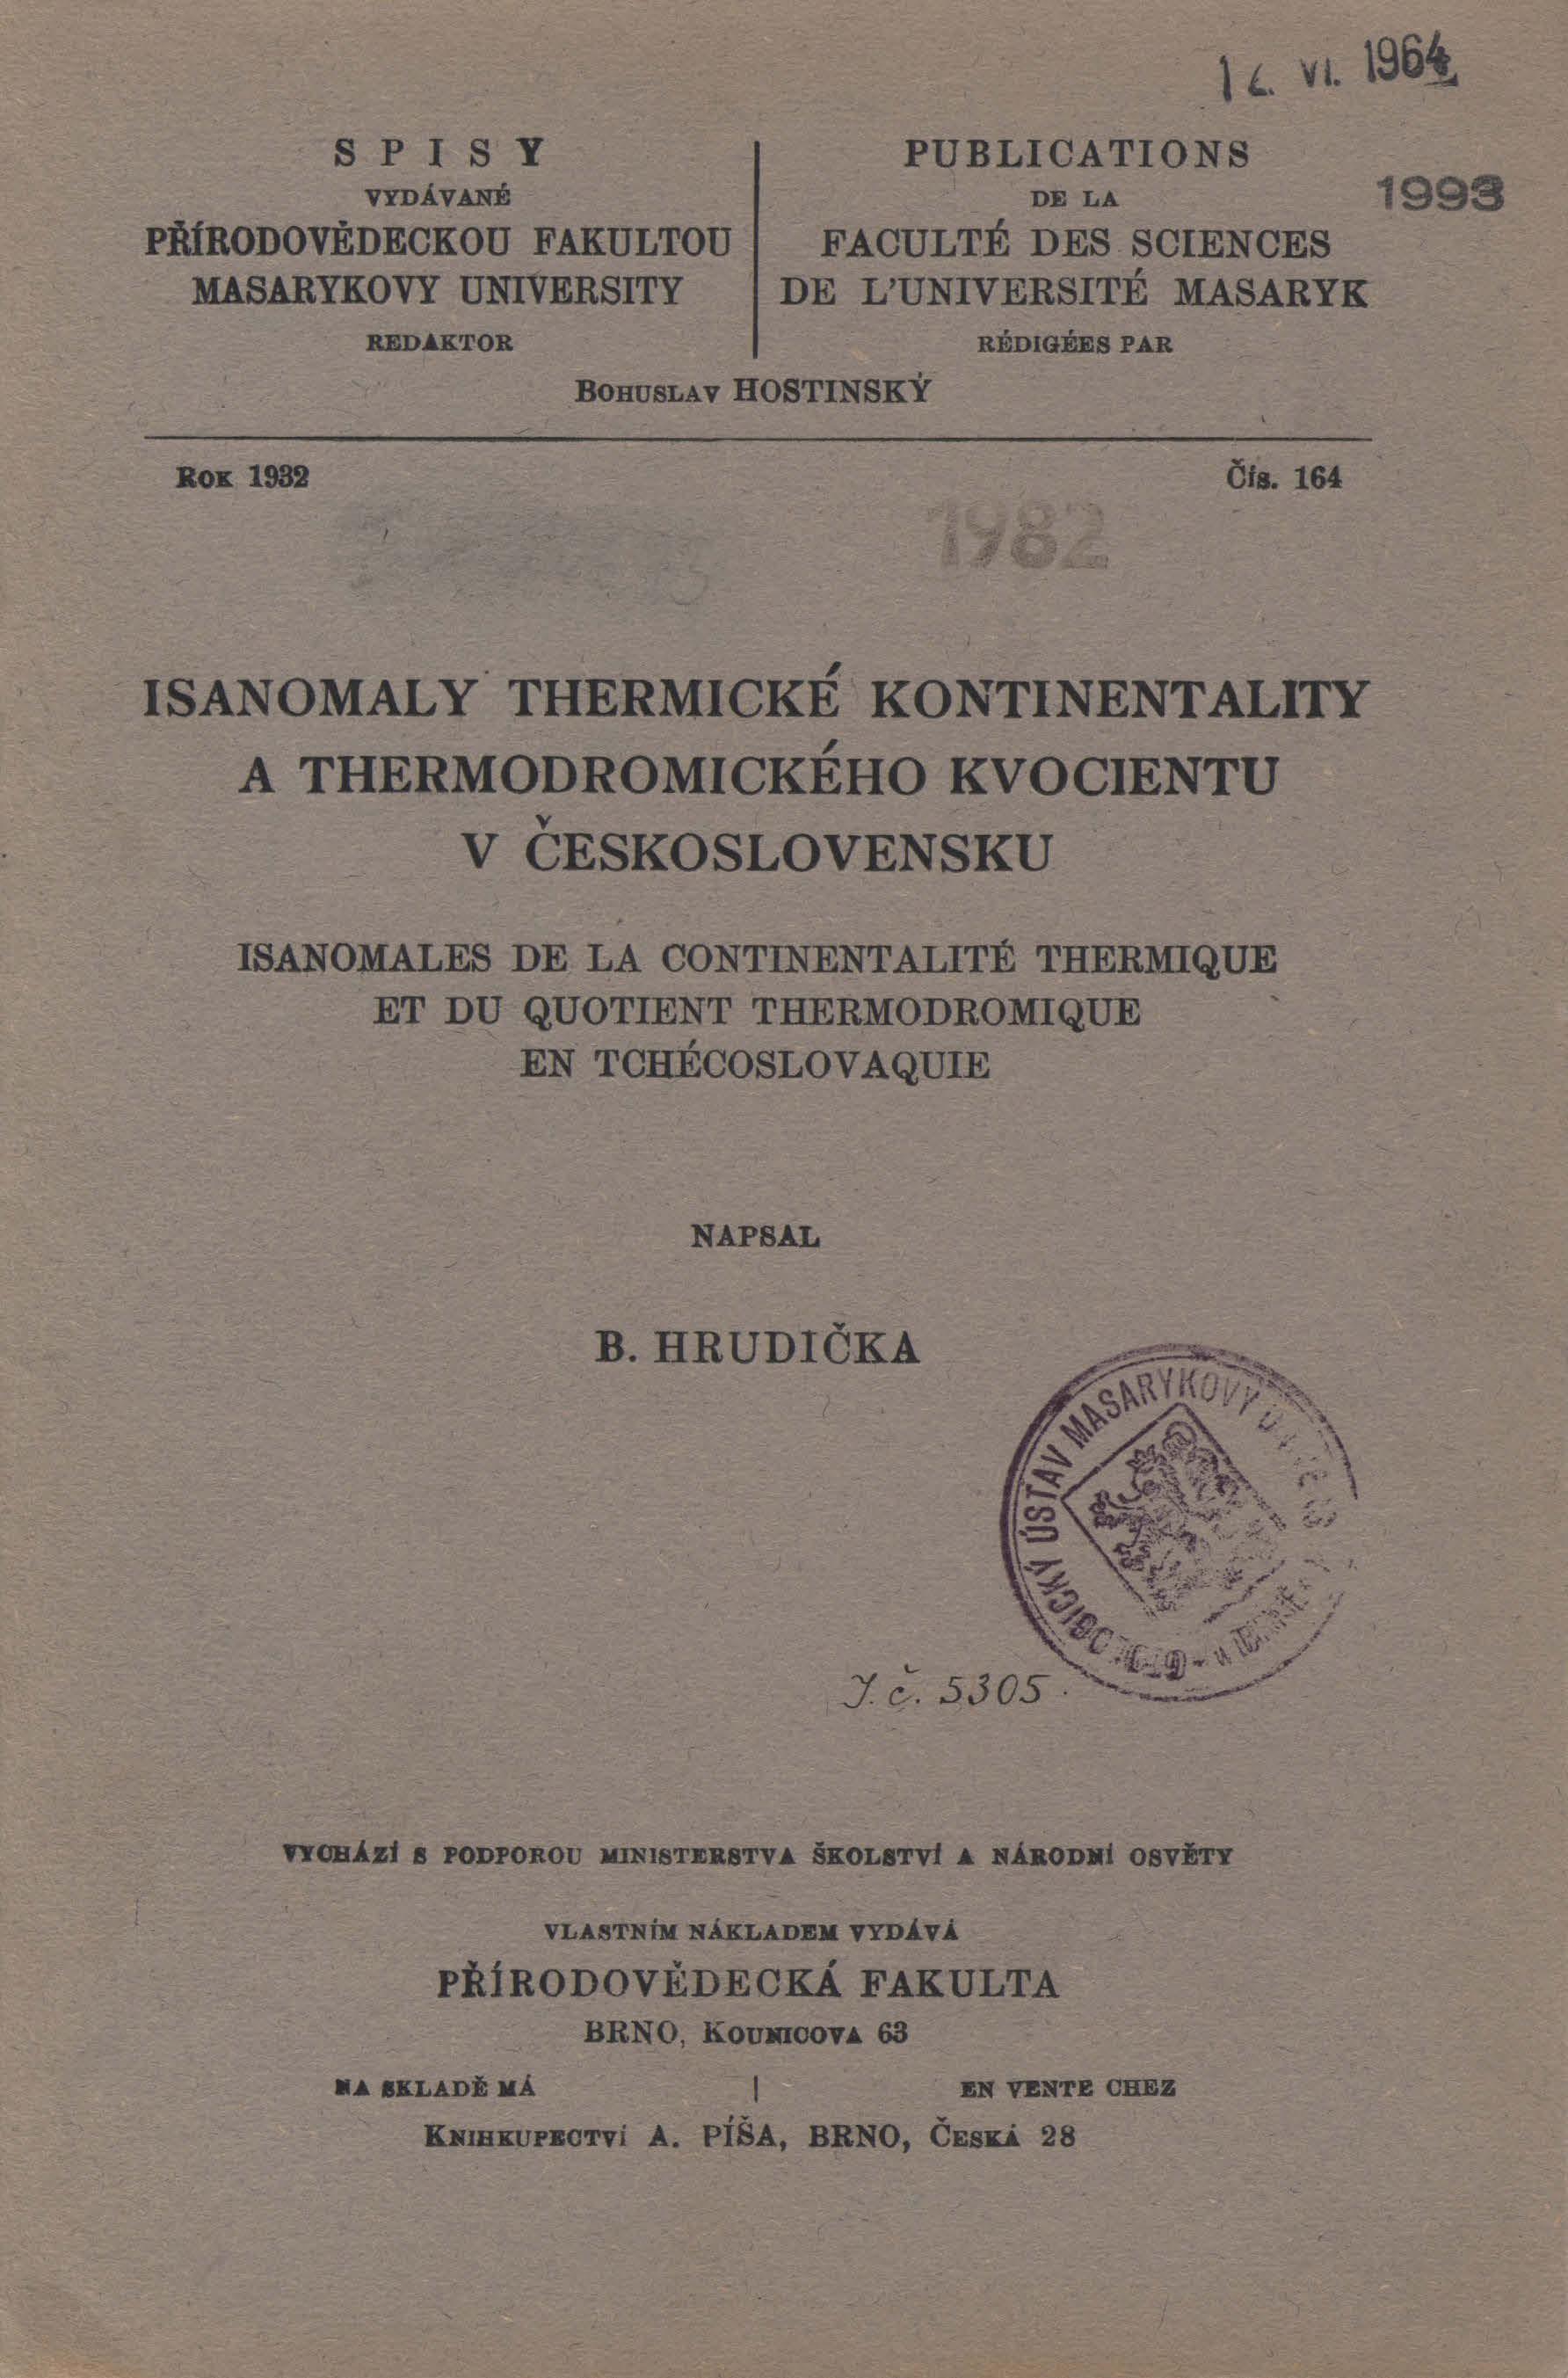 Obálka pro Isanomaly thermické kontinentality a thermodromického kvocientu v Československu